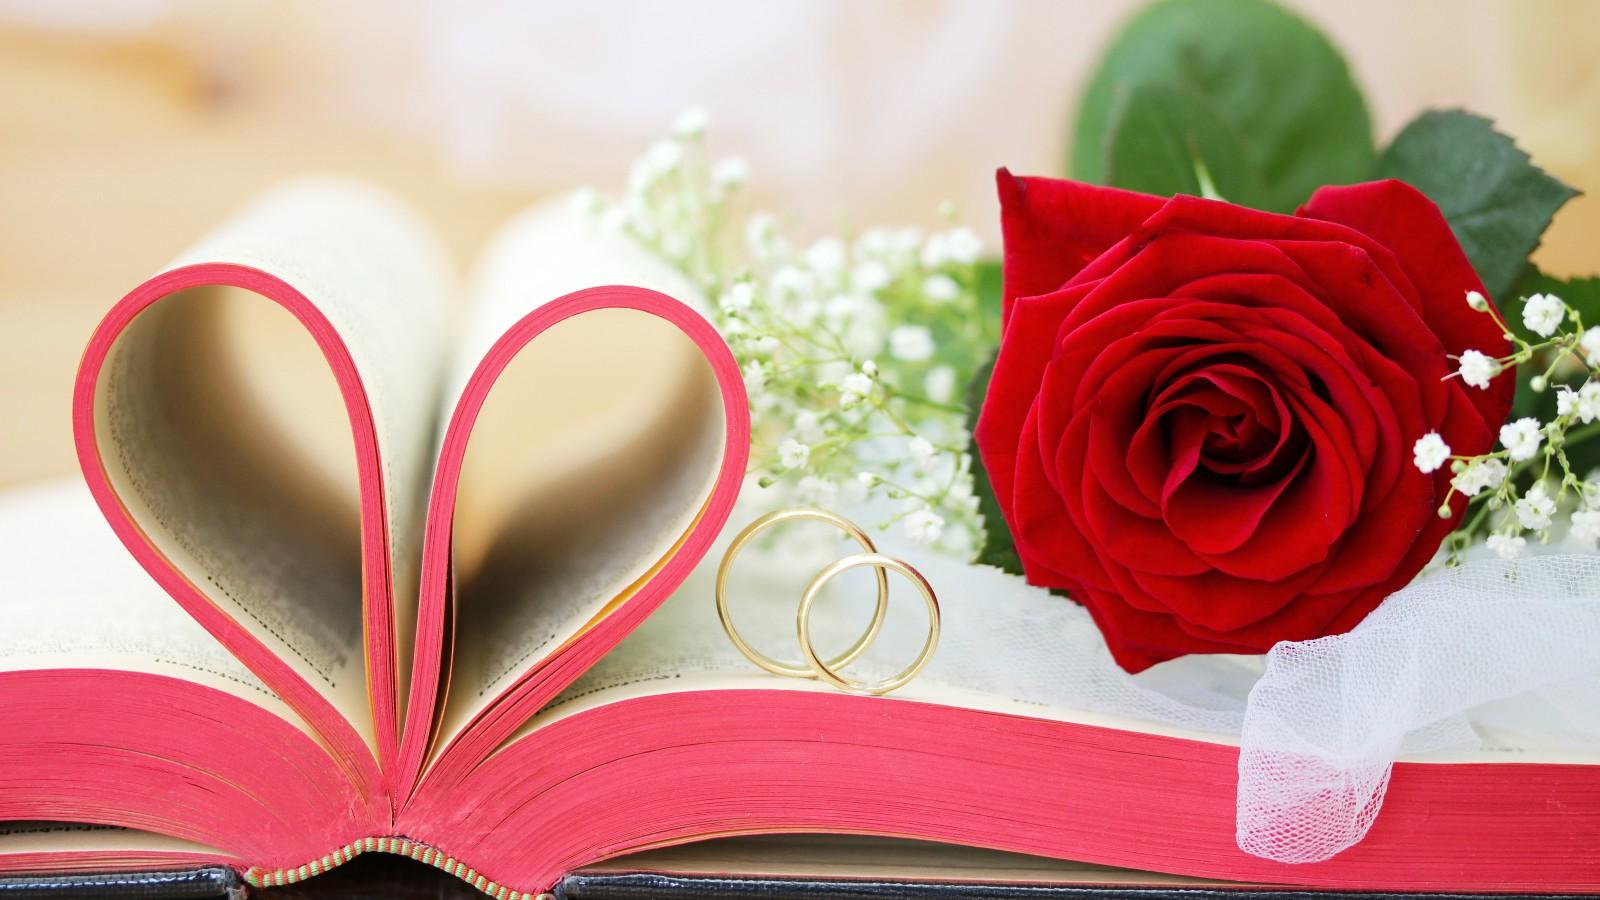 بالصور صور حب حلوه , احلى ما في الحب وحلاوته 5417 2